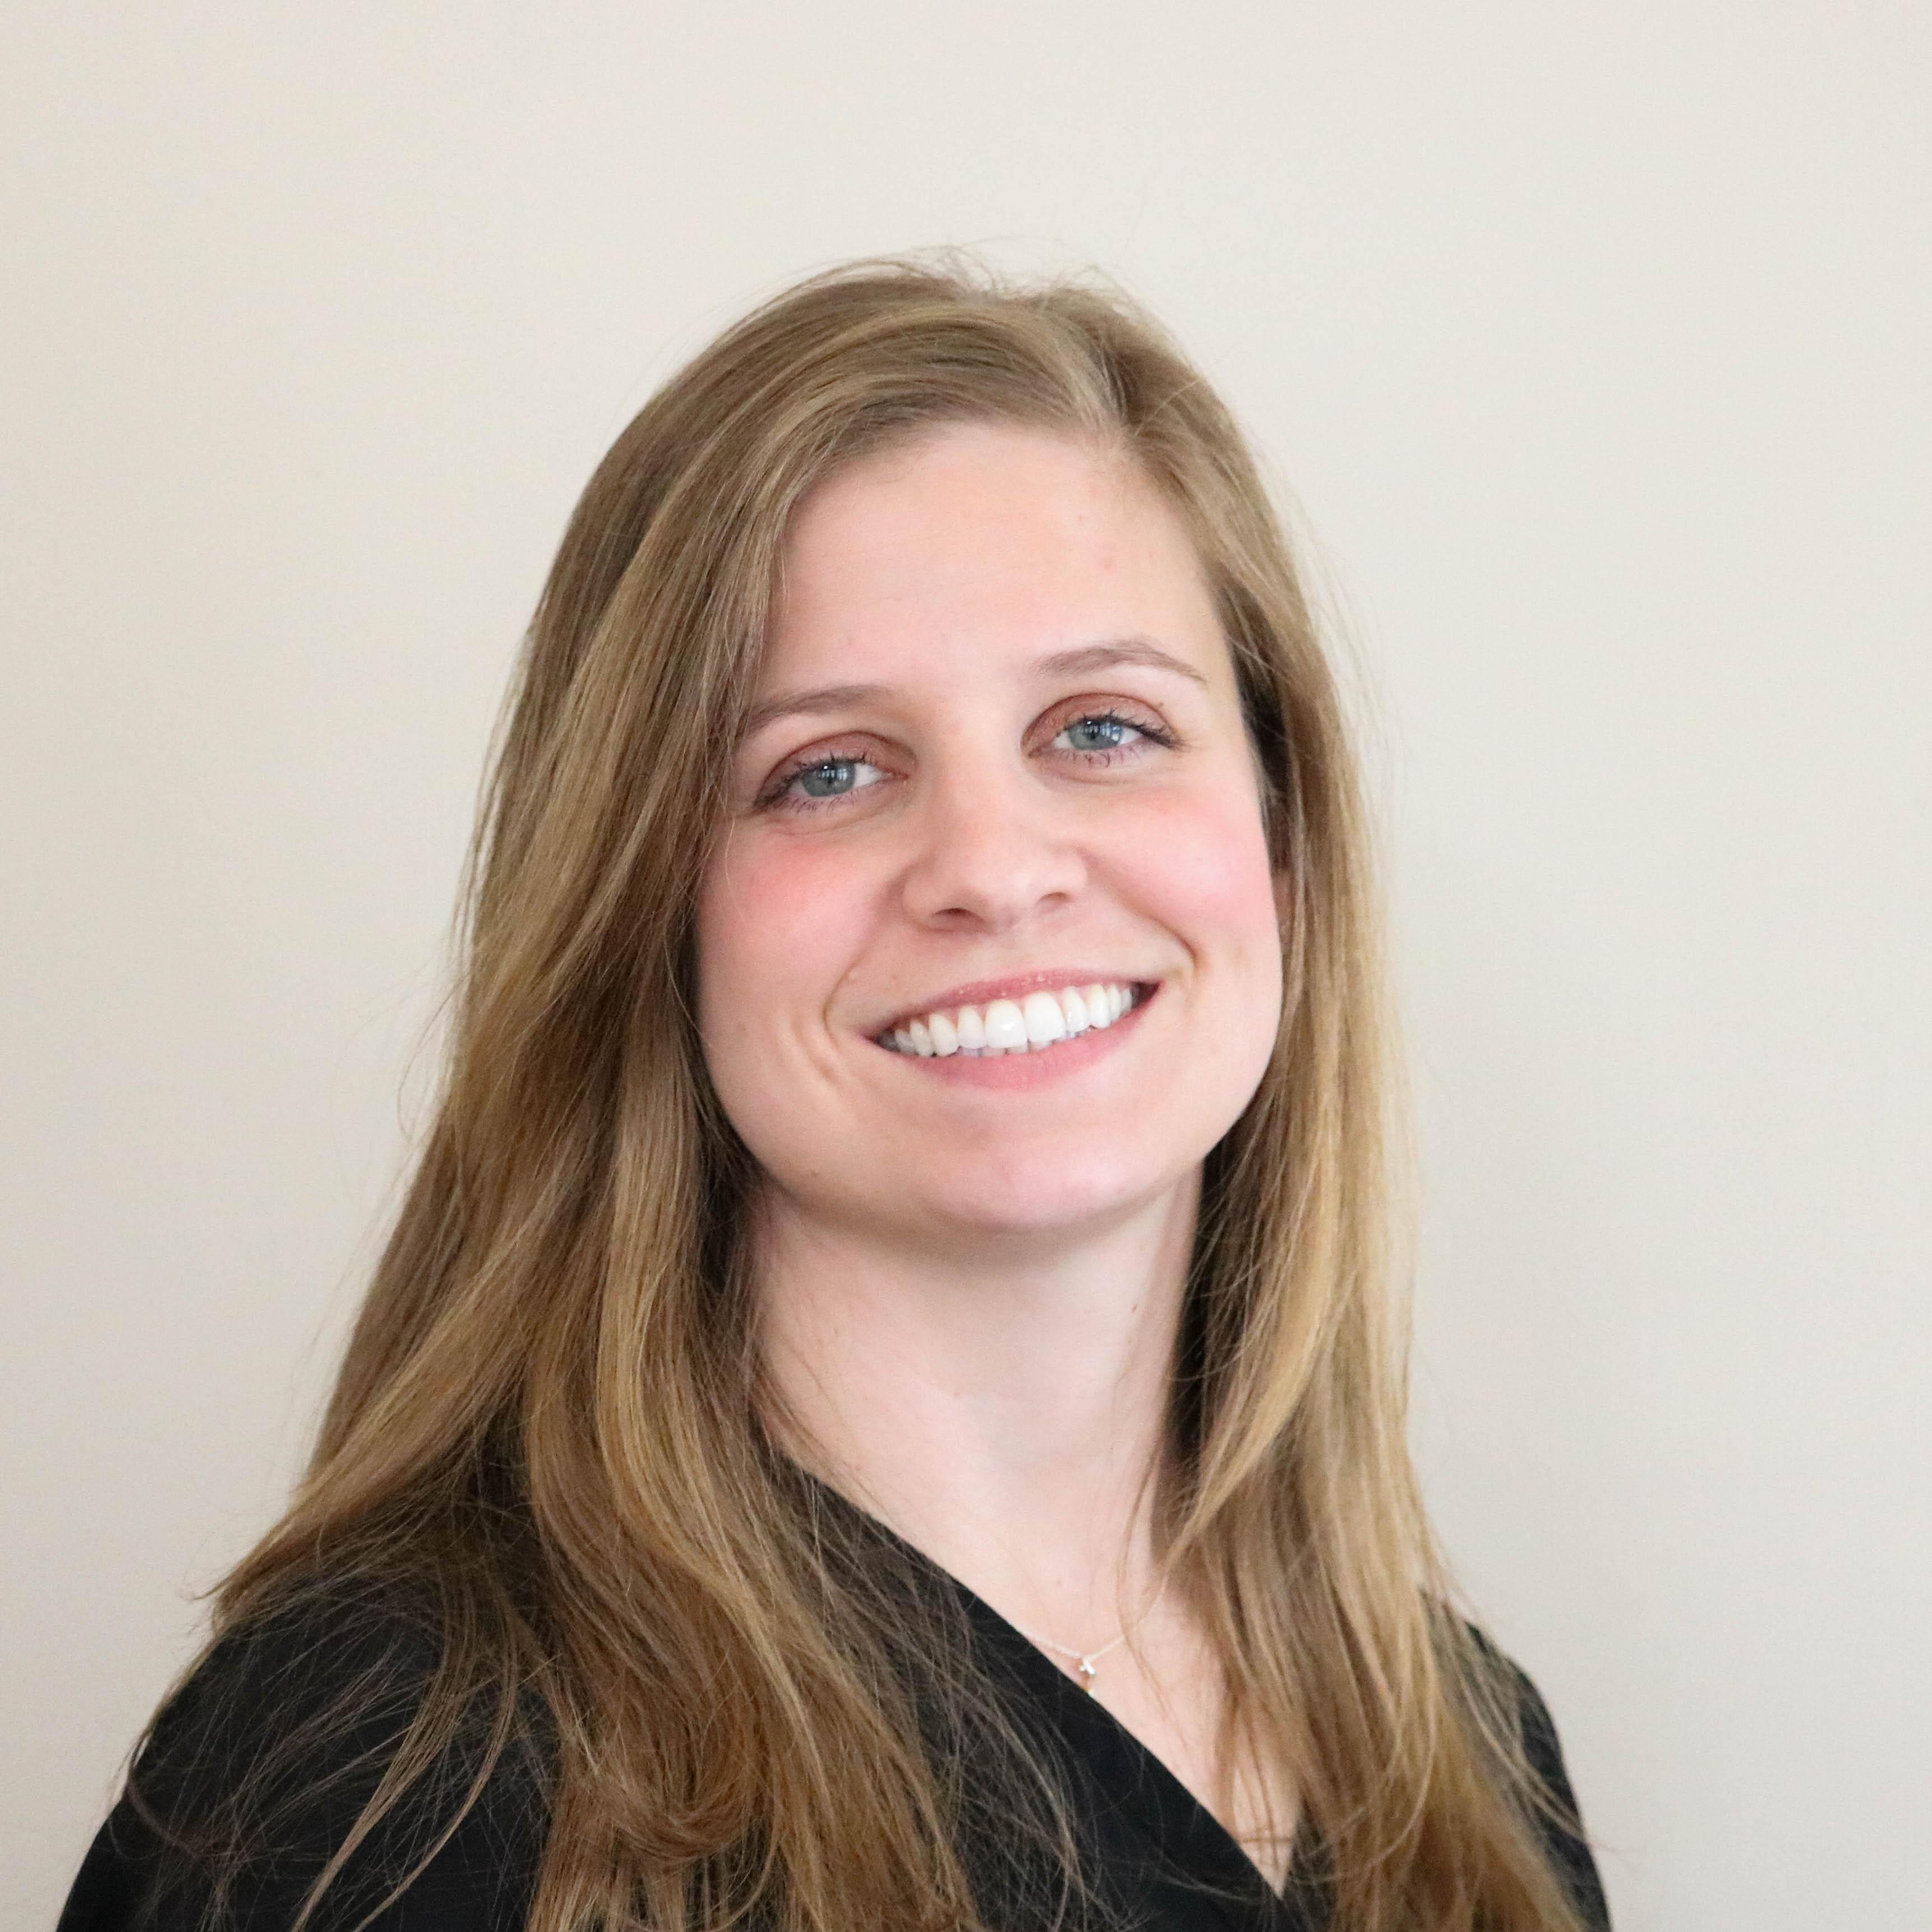 Jessica Prendergast